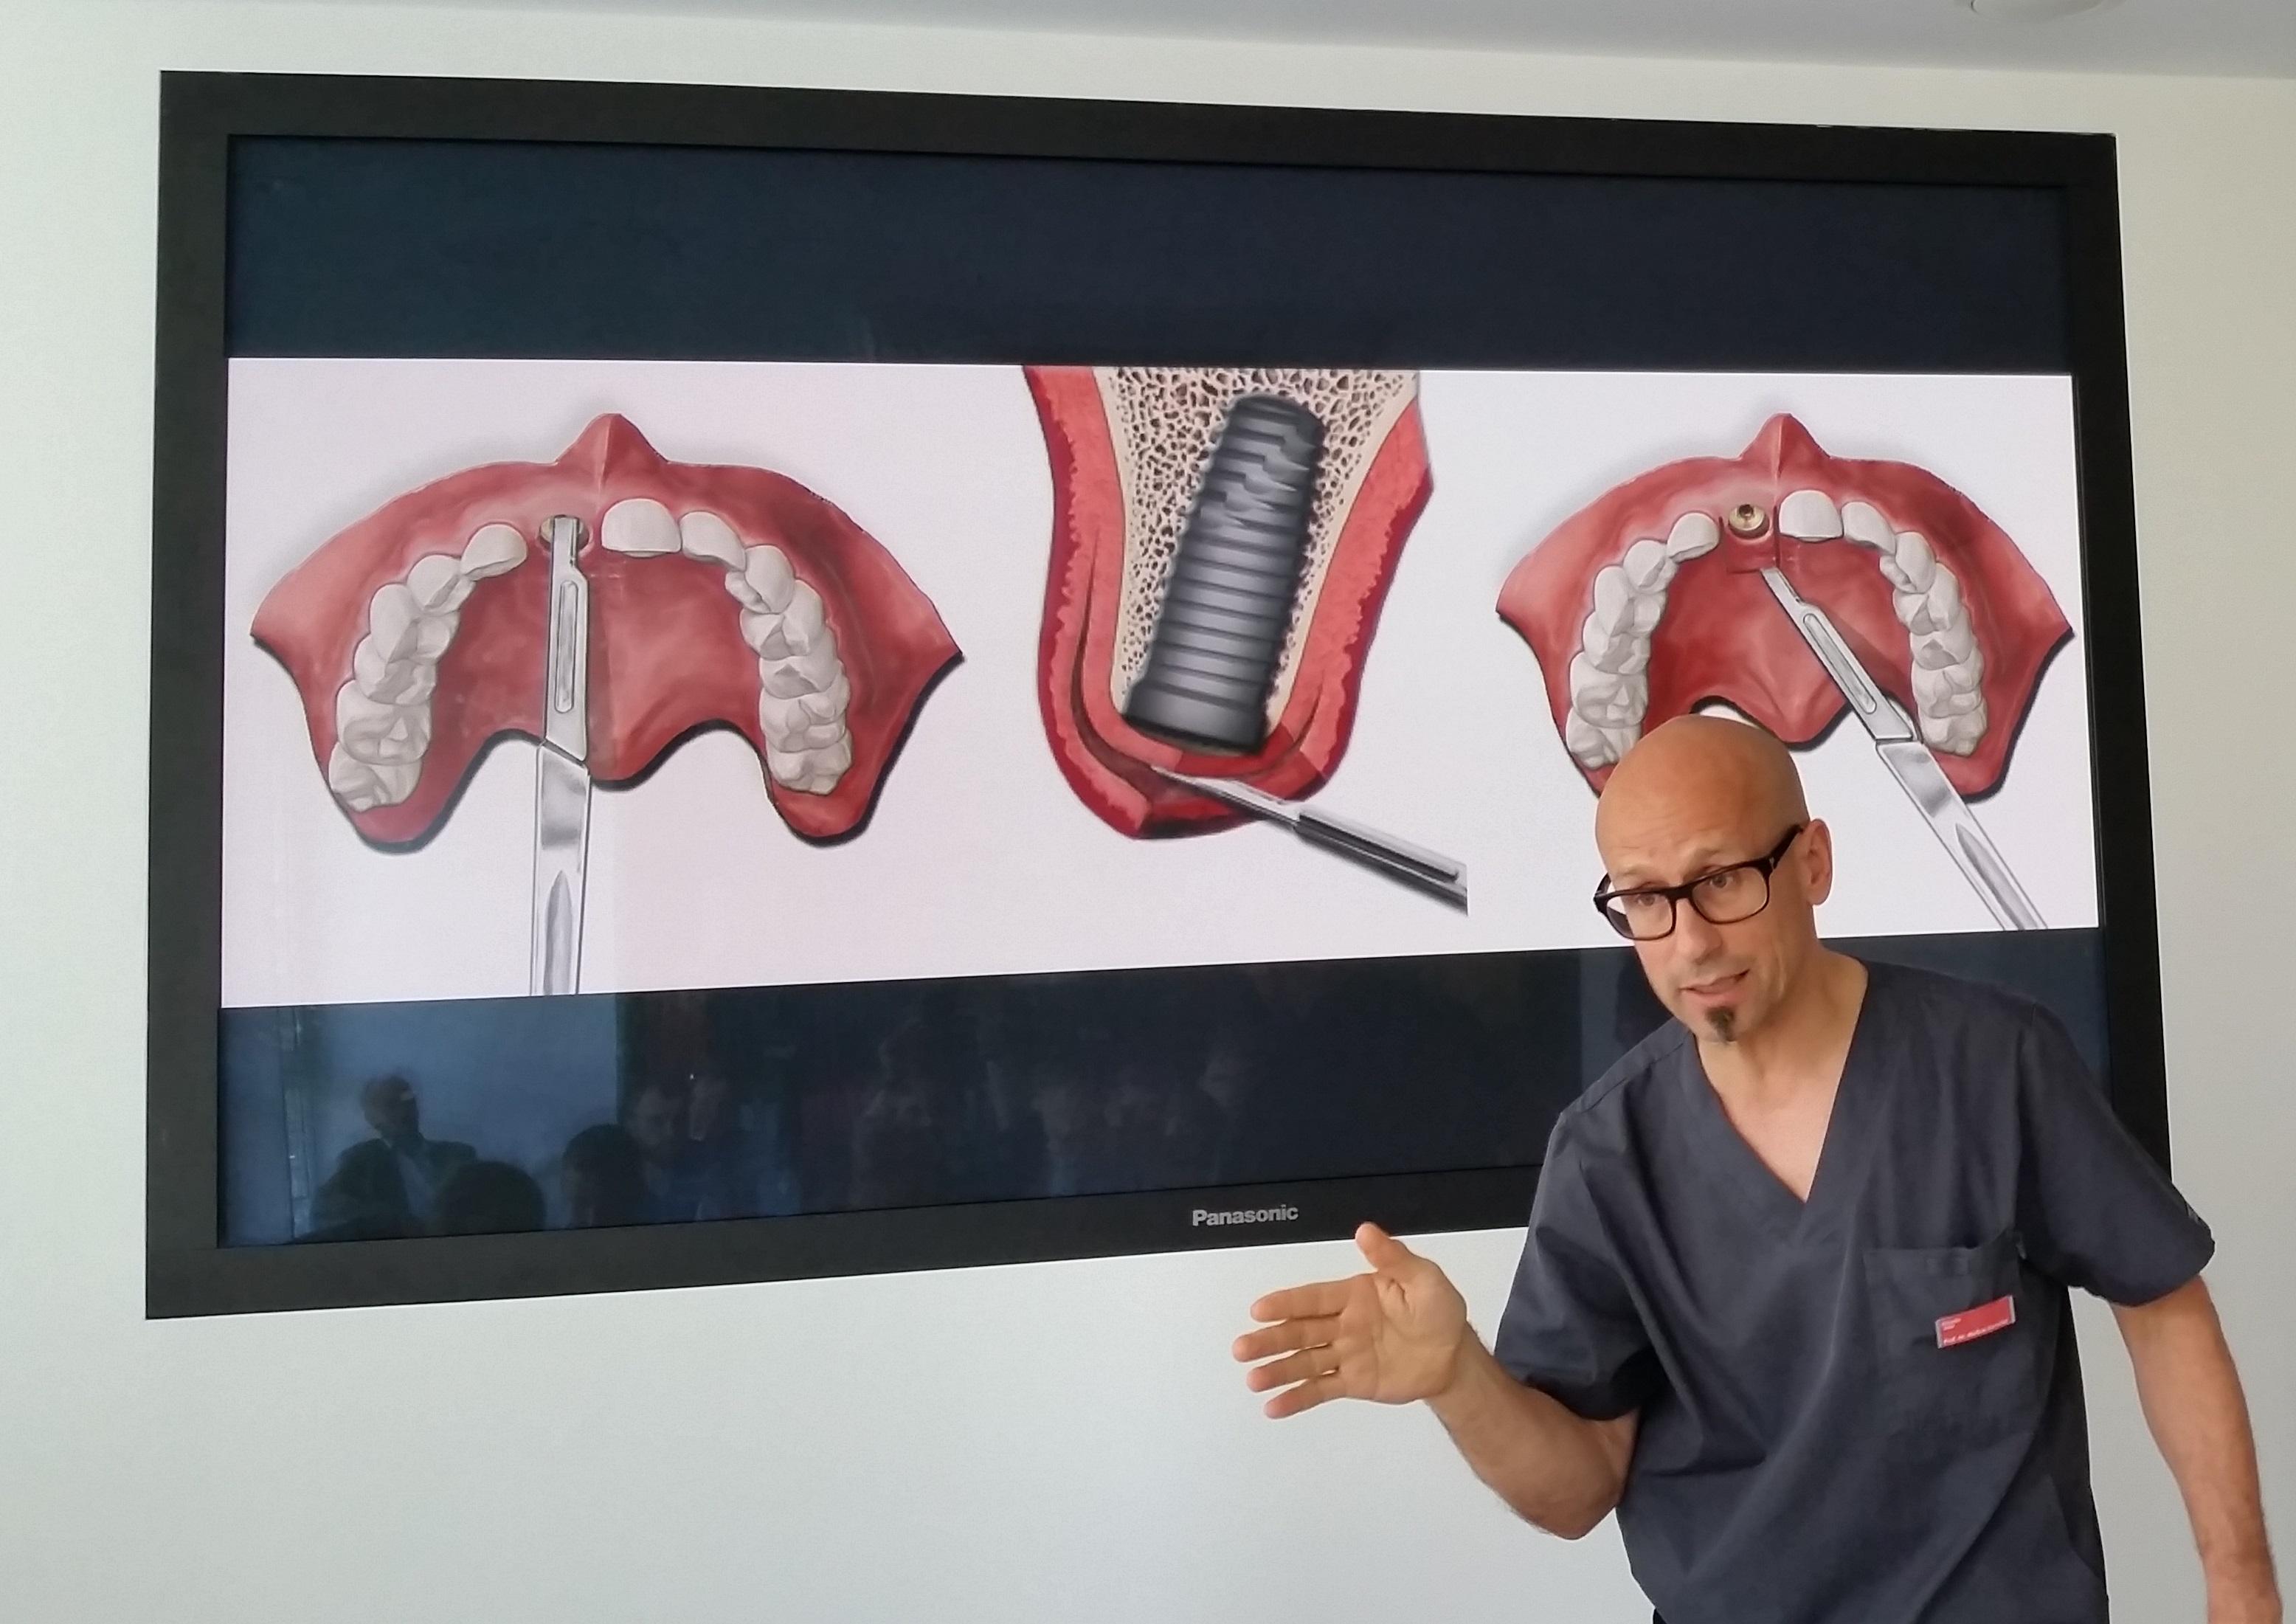 Prof. dr med. dent. Markus Hurzeler